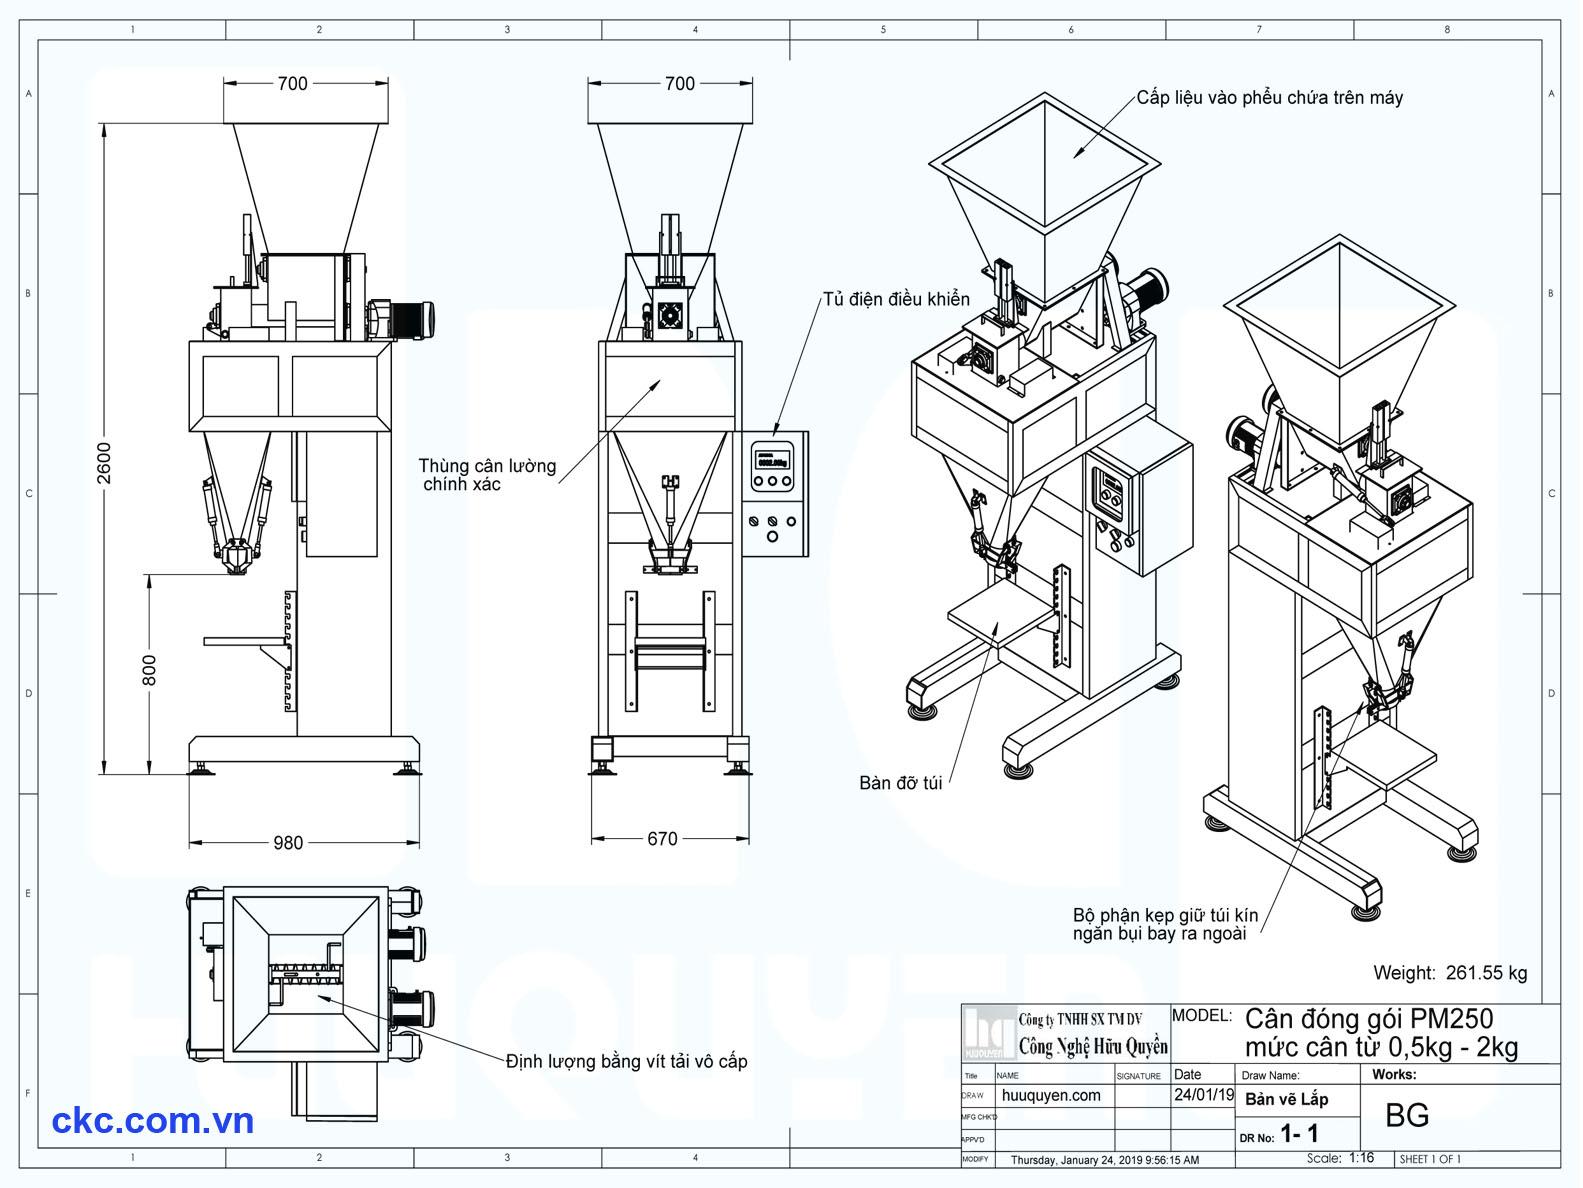 Kích thước và thông số kỹ thuật máy đóng gói cân đóng túi dạng bột